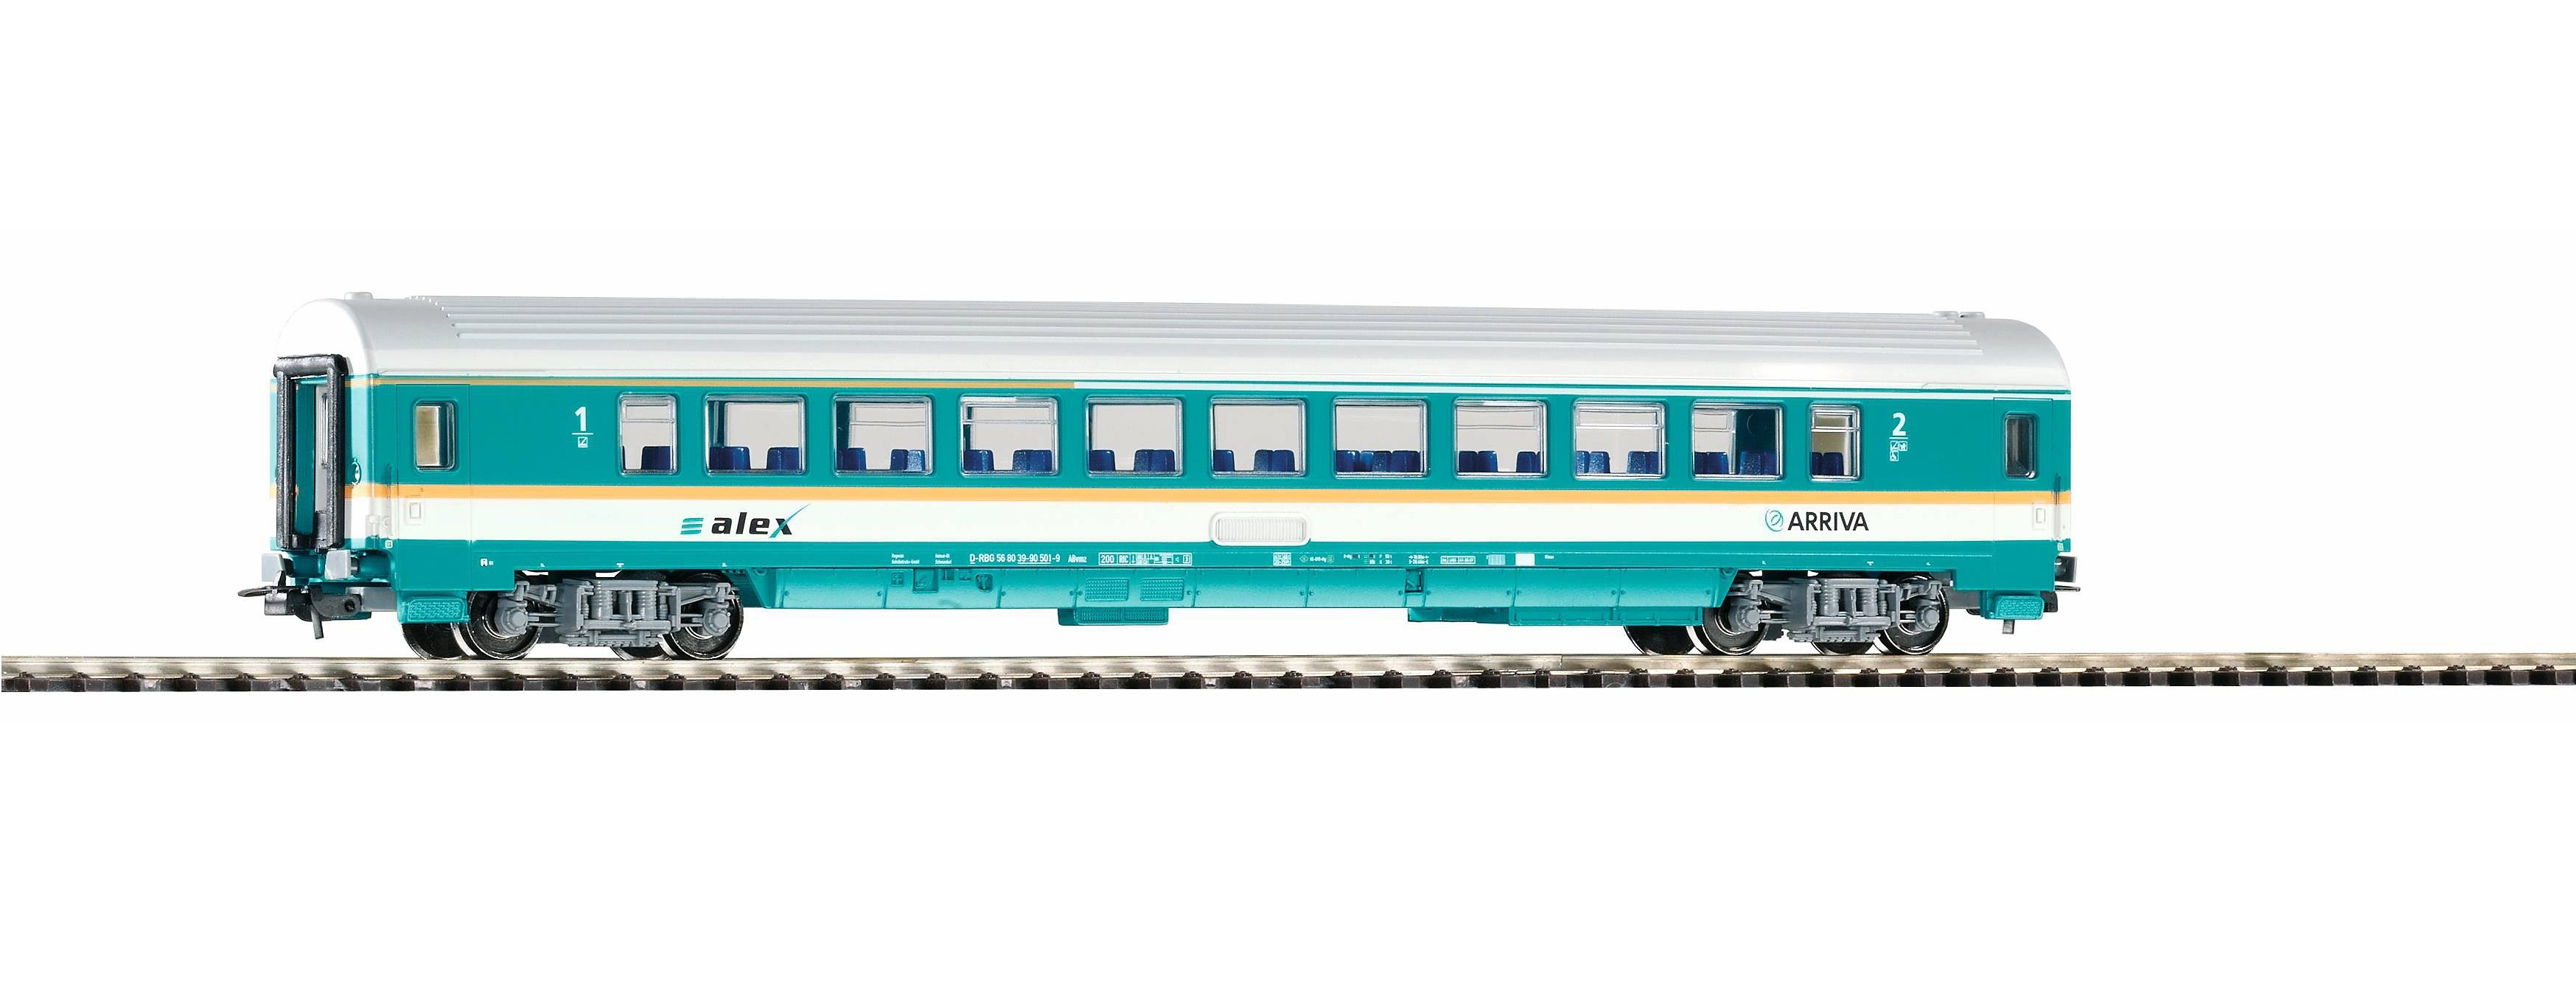 PIKO Personenwagen, »Waggon Arriva 1./2. Klasse - Gleichstrom« Spur H0